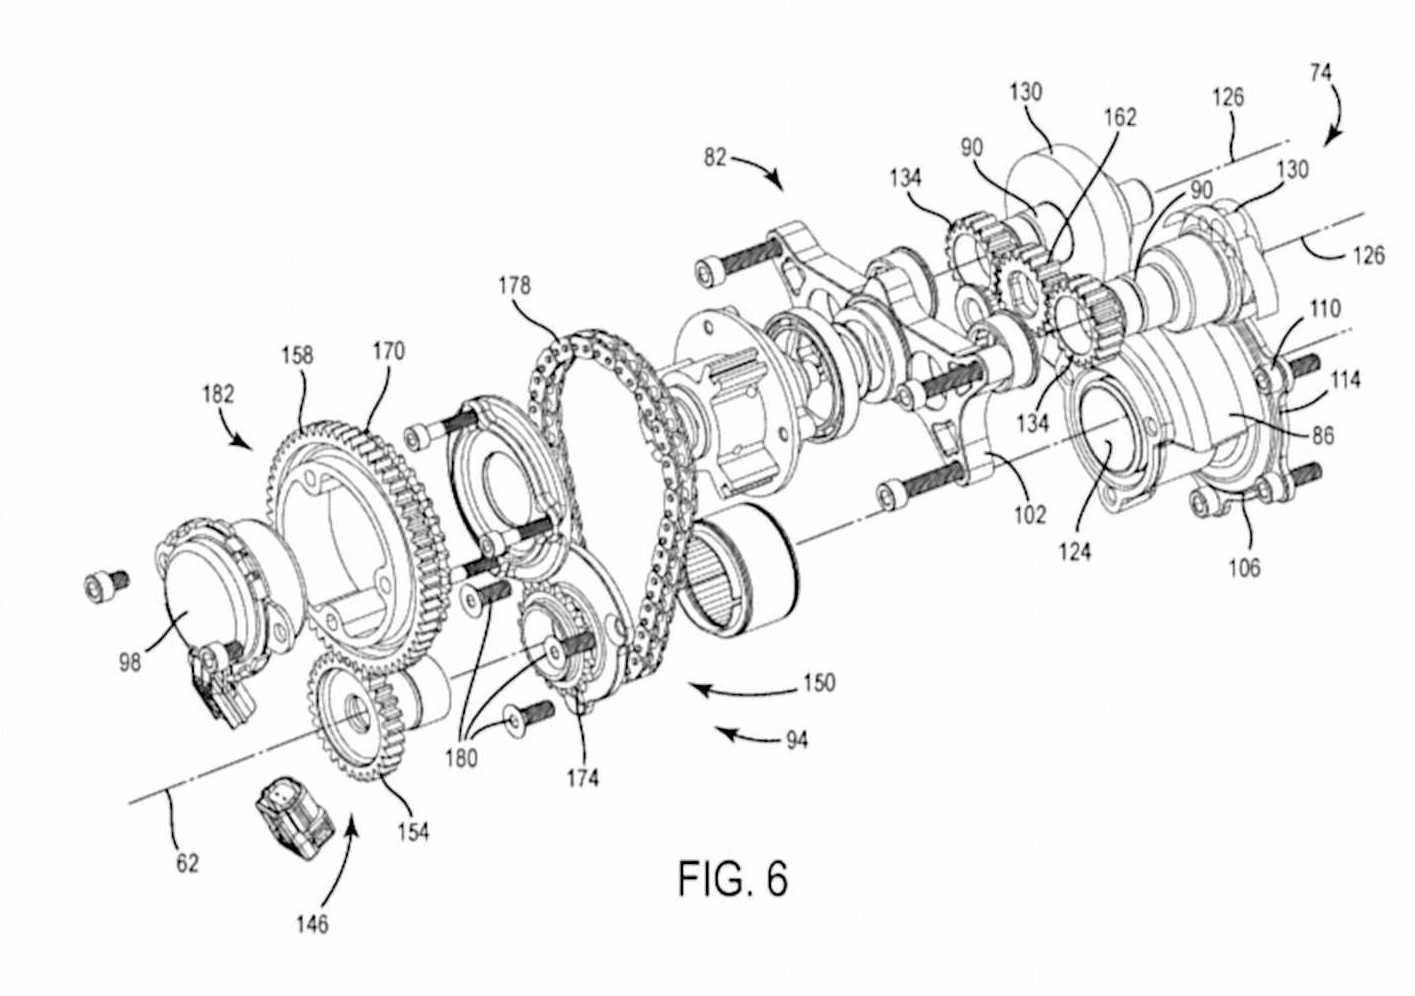 Calage variable et balancier d'équilibrage pour Harley-Davidson Harley-davidson-engine-balancer-patent-fig6_0